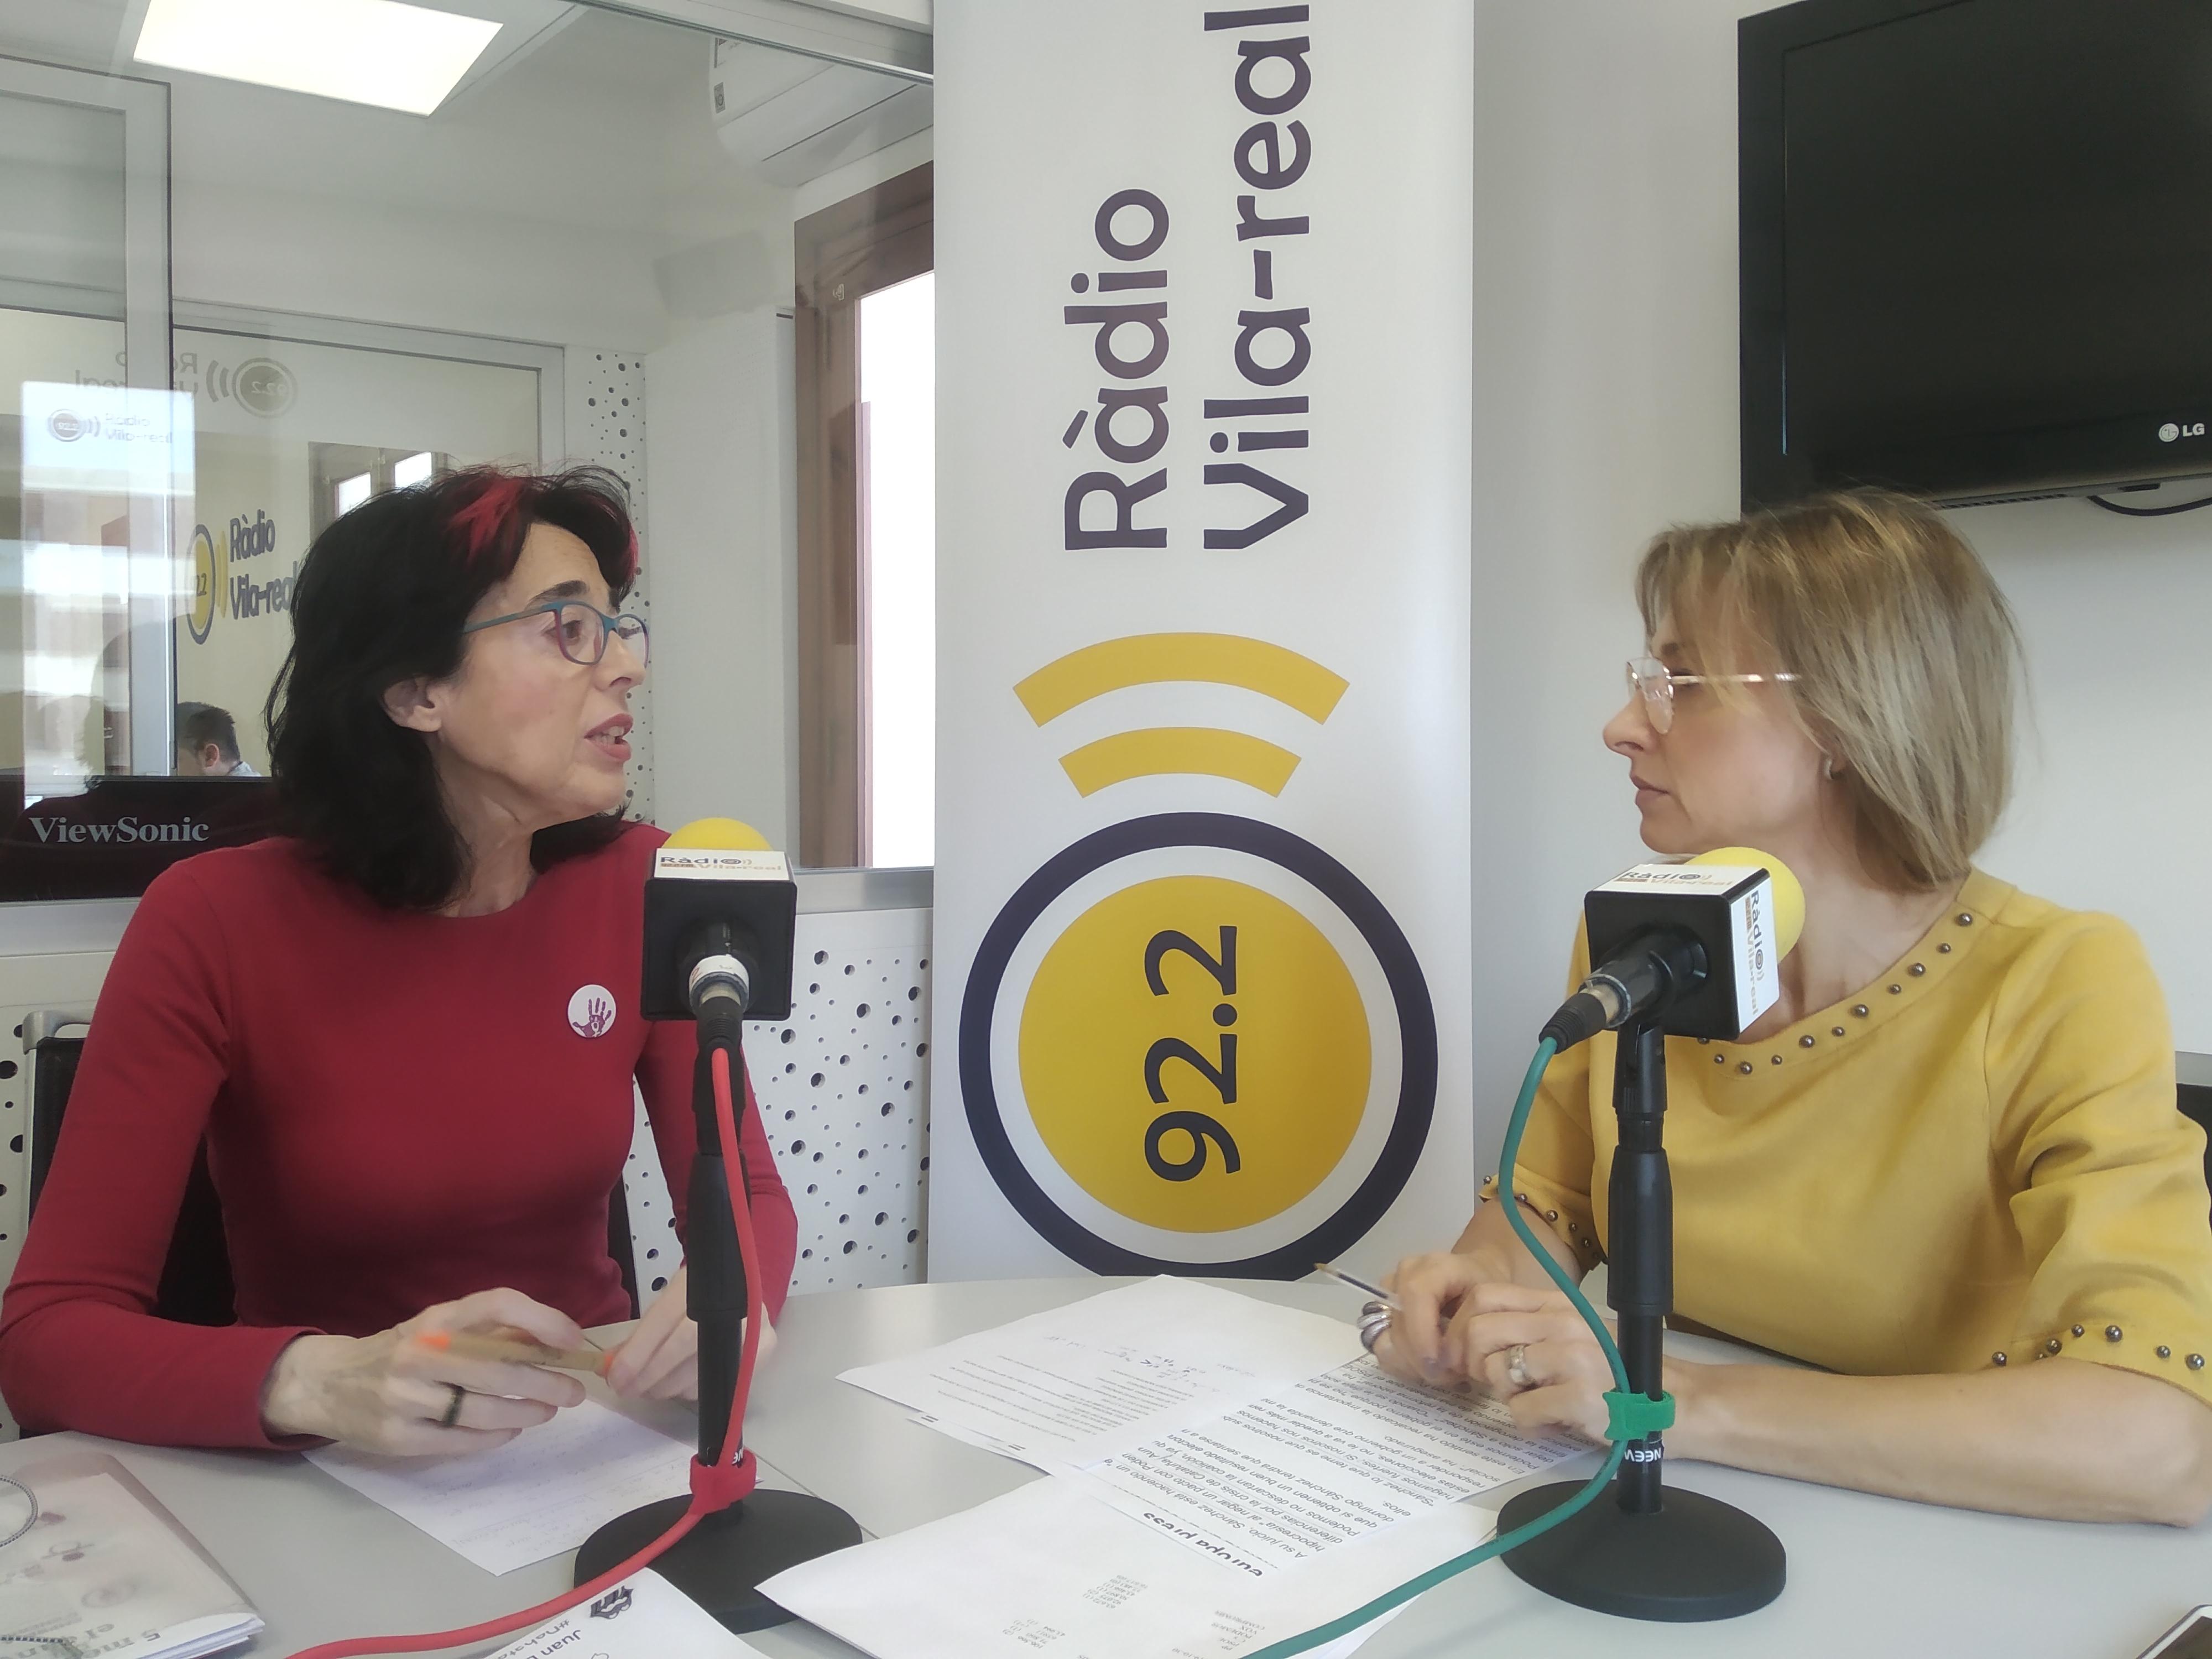 Entrevista a la número 1 de Unides Podem Castellón al Congreso, Marisa Saavedra. 5 de noviembre del 2019